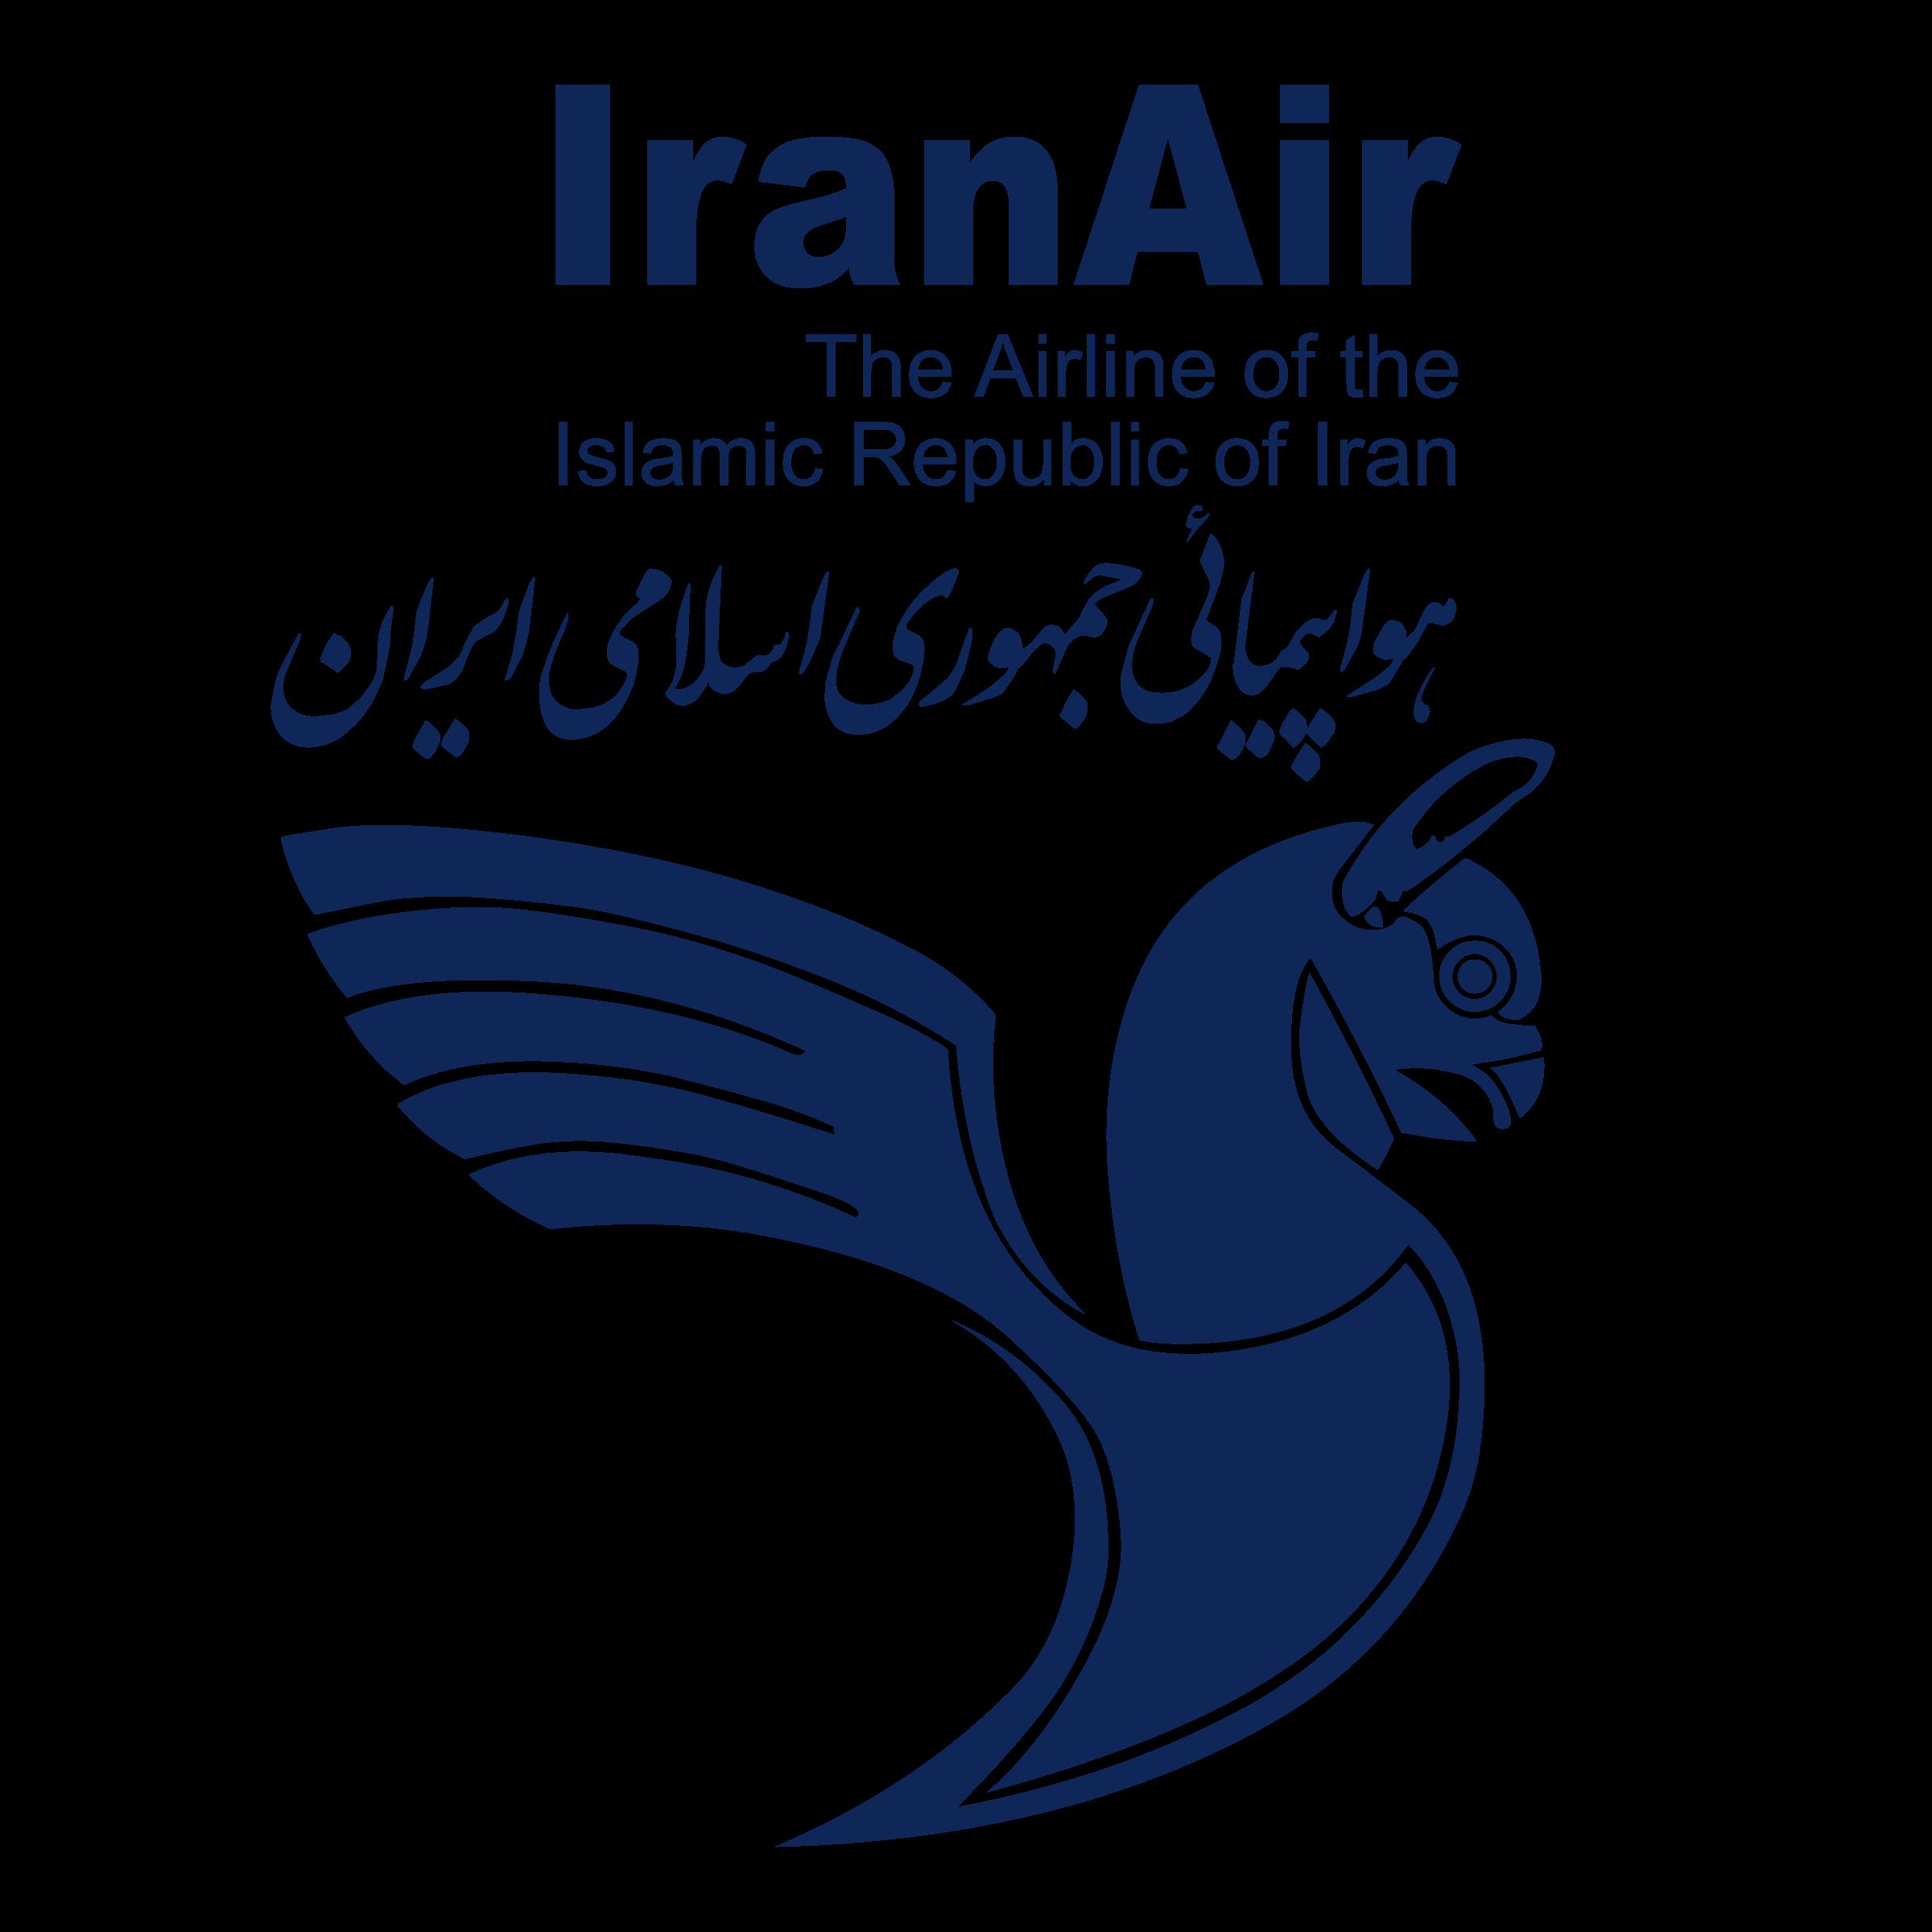 Resultado de imagen para Iran Air logo